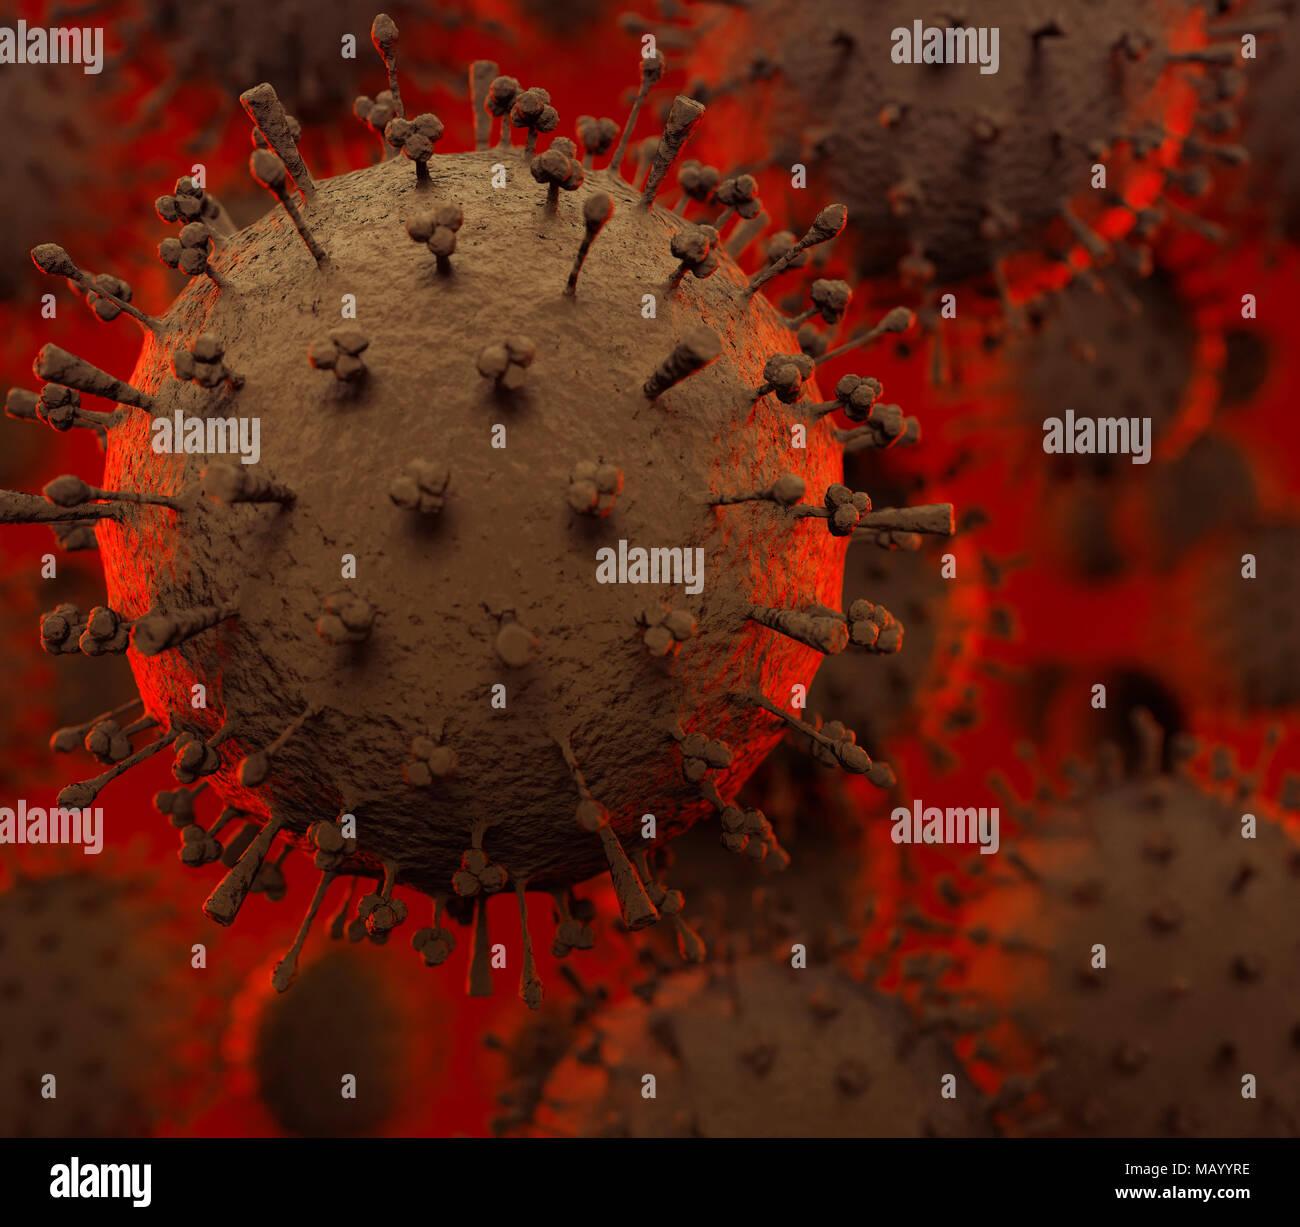 Vogelgrippe-virus H1N1, H5N1, Influenza-A-Virus Partikel, virionen unter einem Mikroskop. Medizinische 3D-Illustration von einem sich ausbreitenden Virus Stockbild